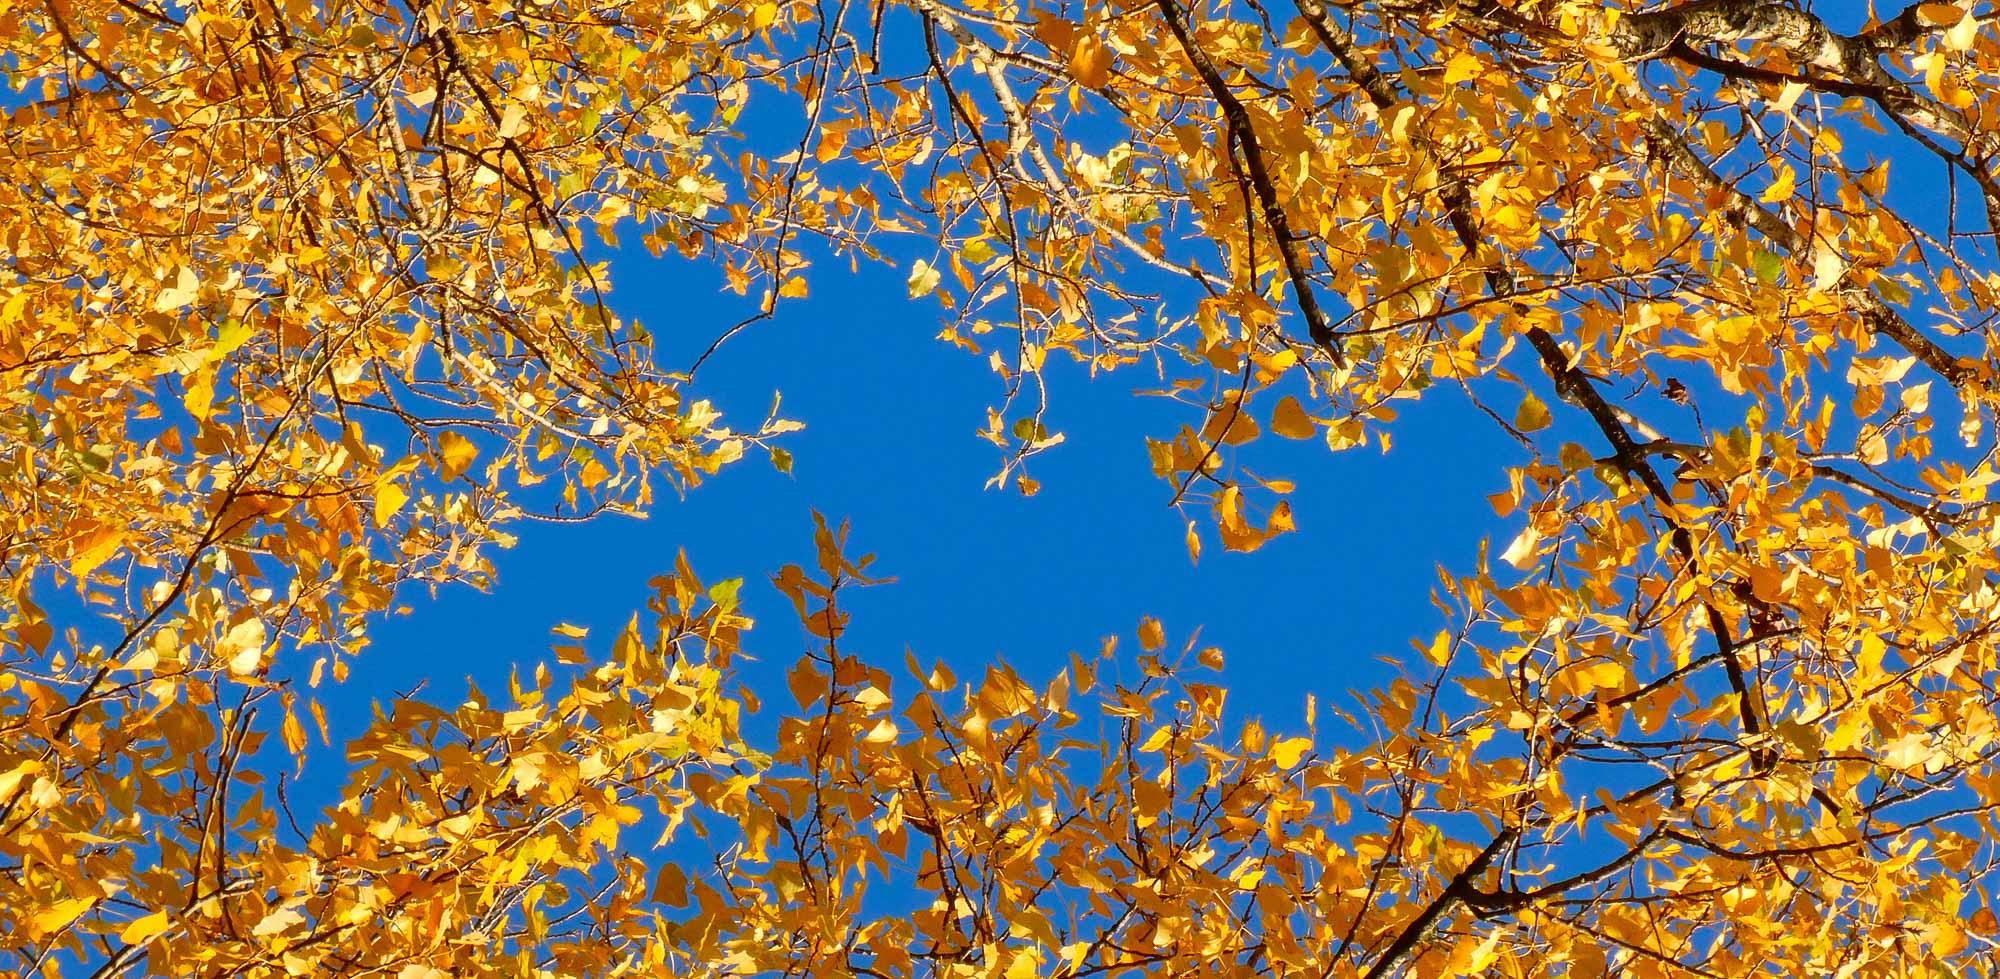 Gold-Blau